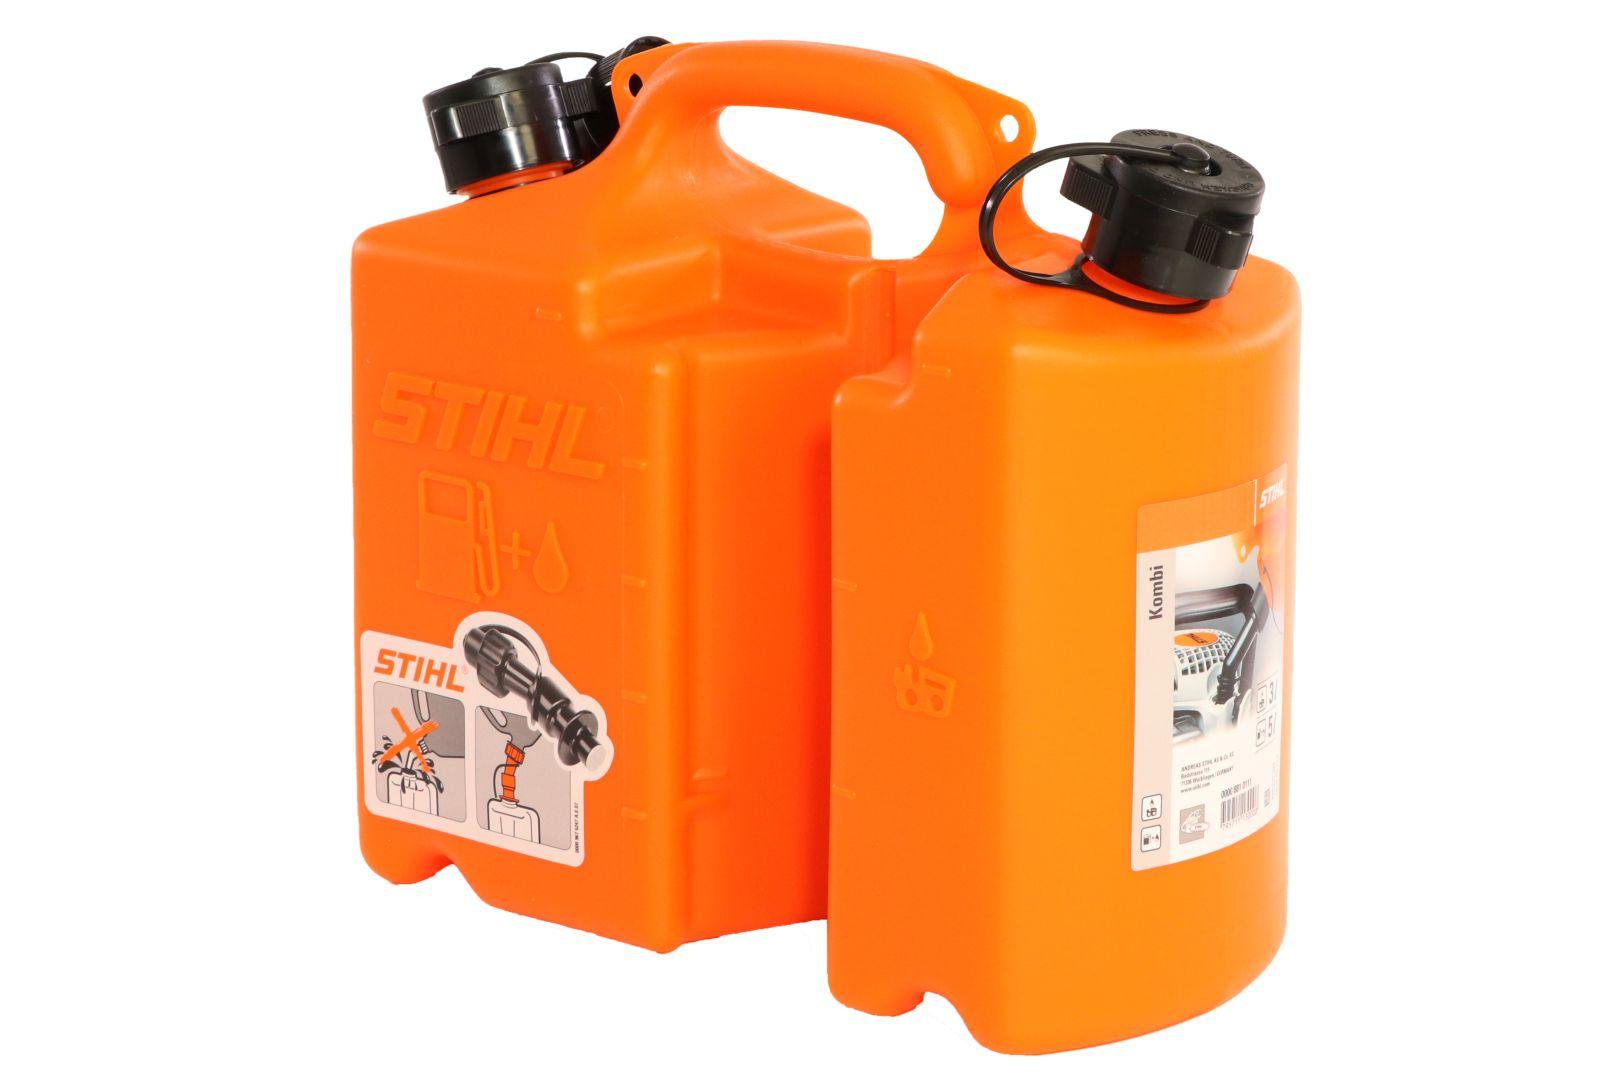 STIHL Kombi-Kanister orange Standard, für 5 l Kraftstoff und 3 l Sägekettenhaftöl